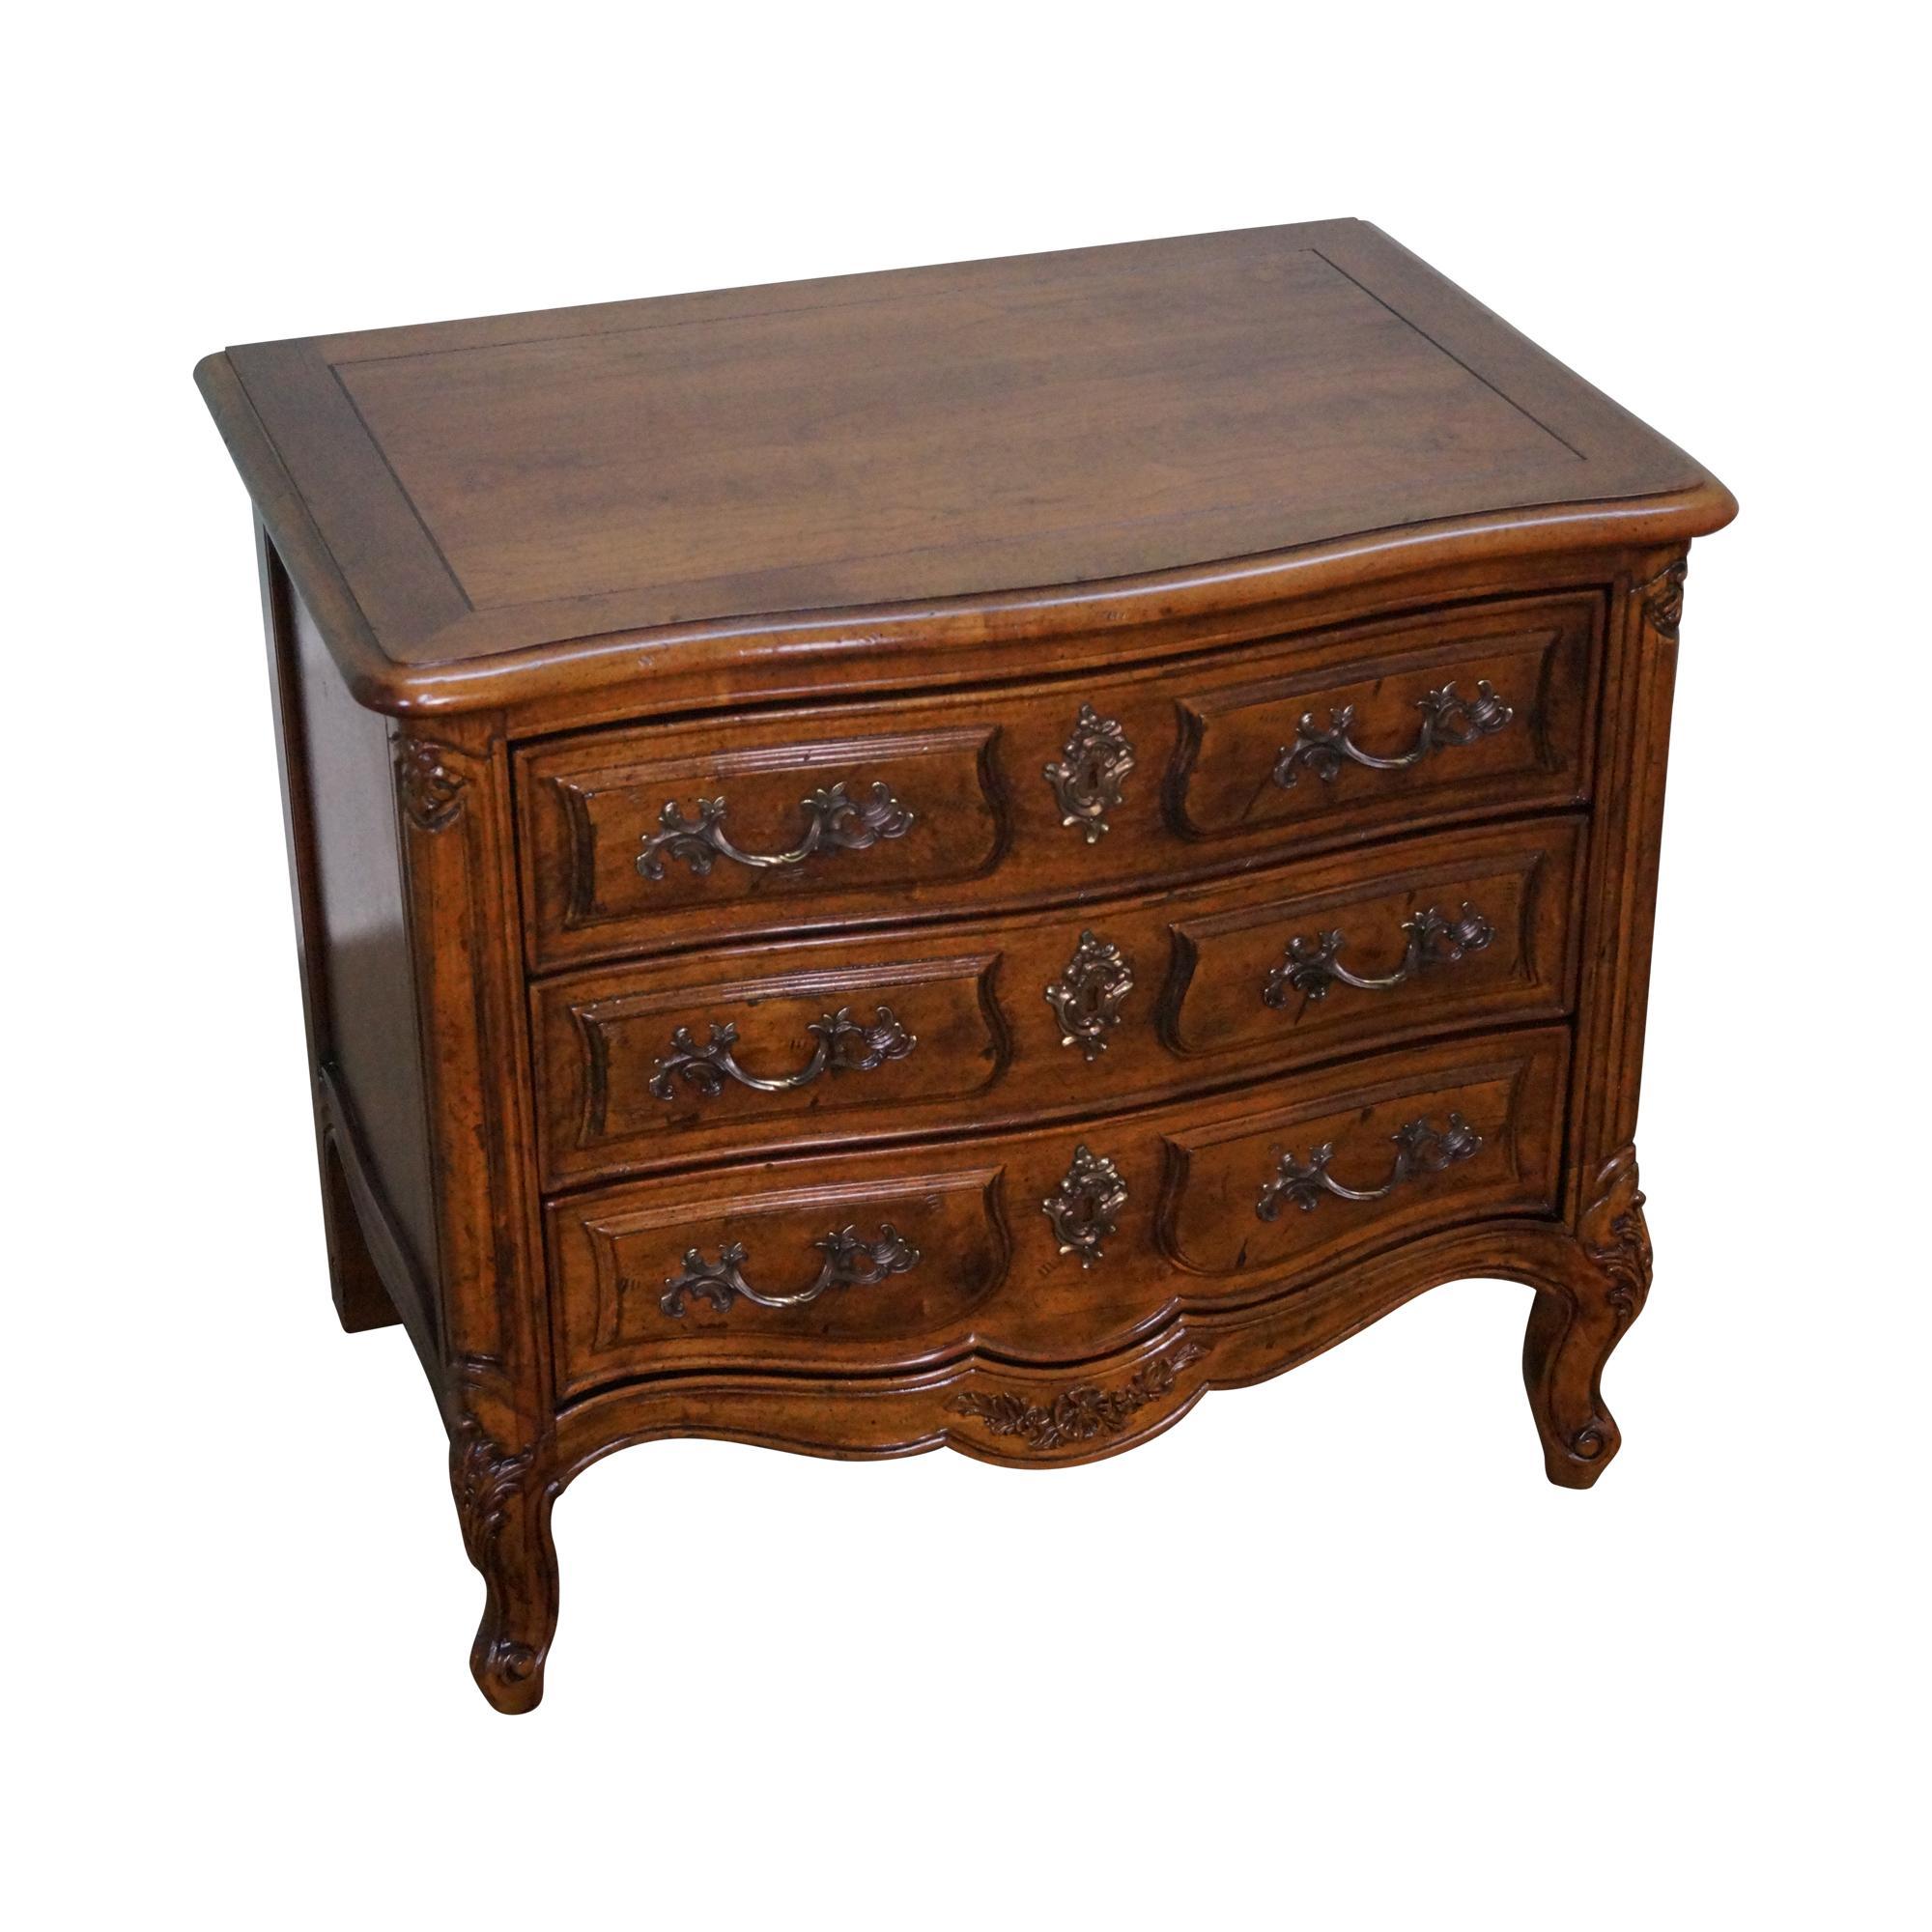 Henredon French Louis Xv Style Walnut Nightstand Chairish